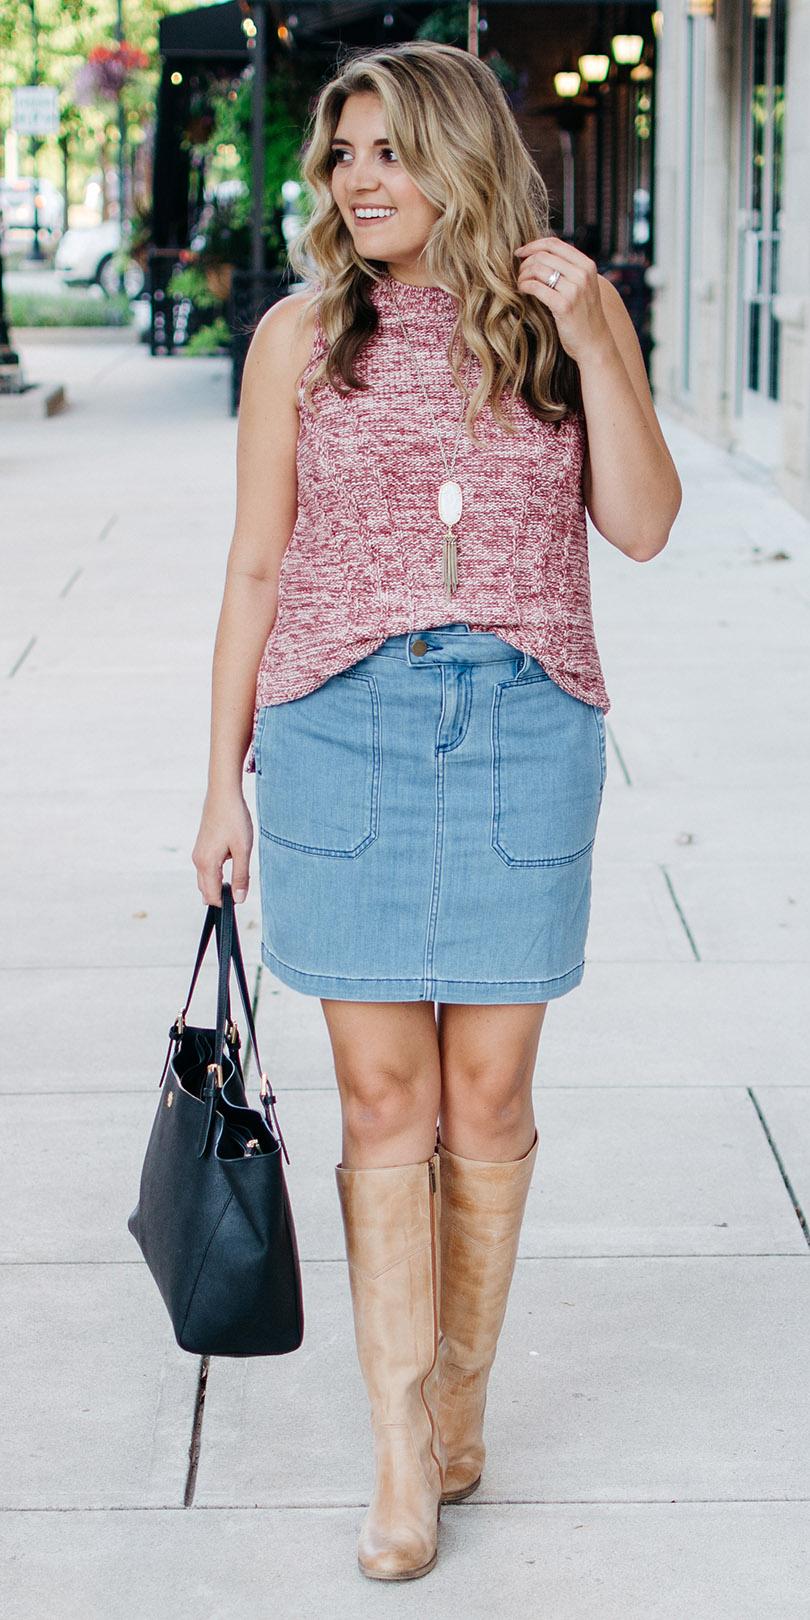 blue-light-mini-skirt-pink-light-sweater-sleeveless-tan-shoe-boots-necklace-pend-blonde-fall-winter-lunch.jpg